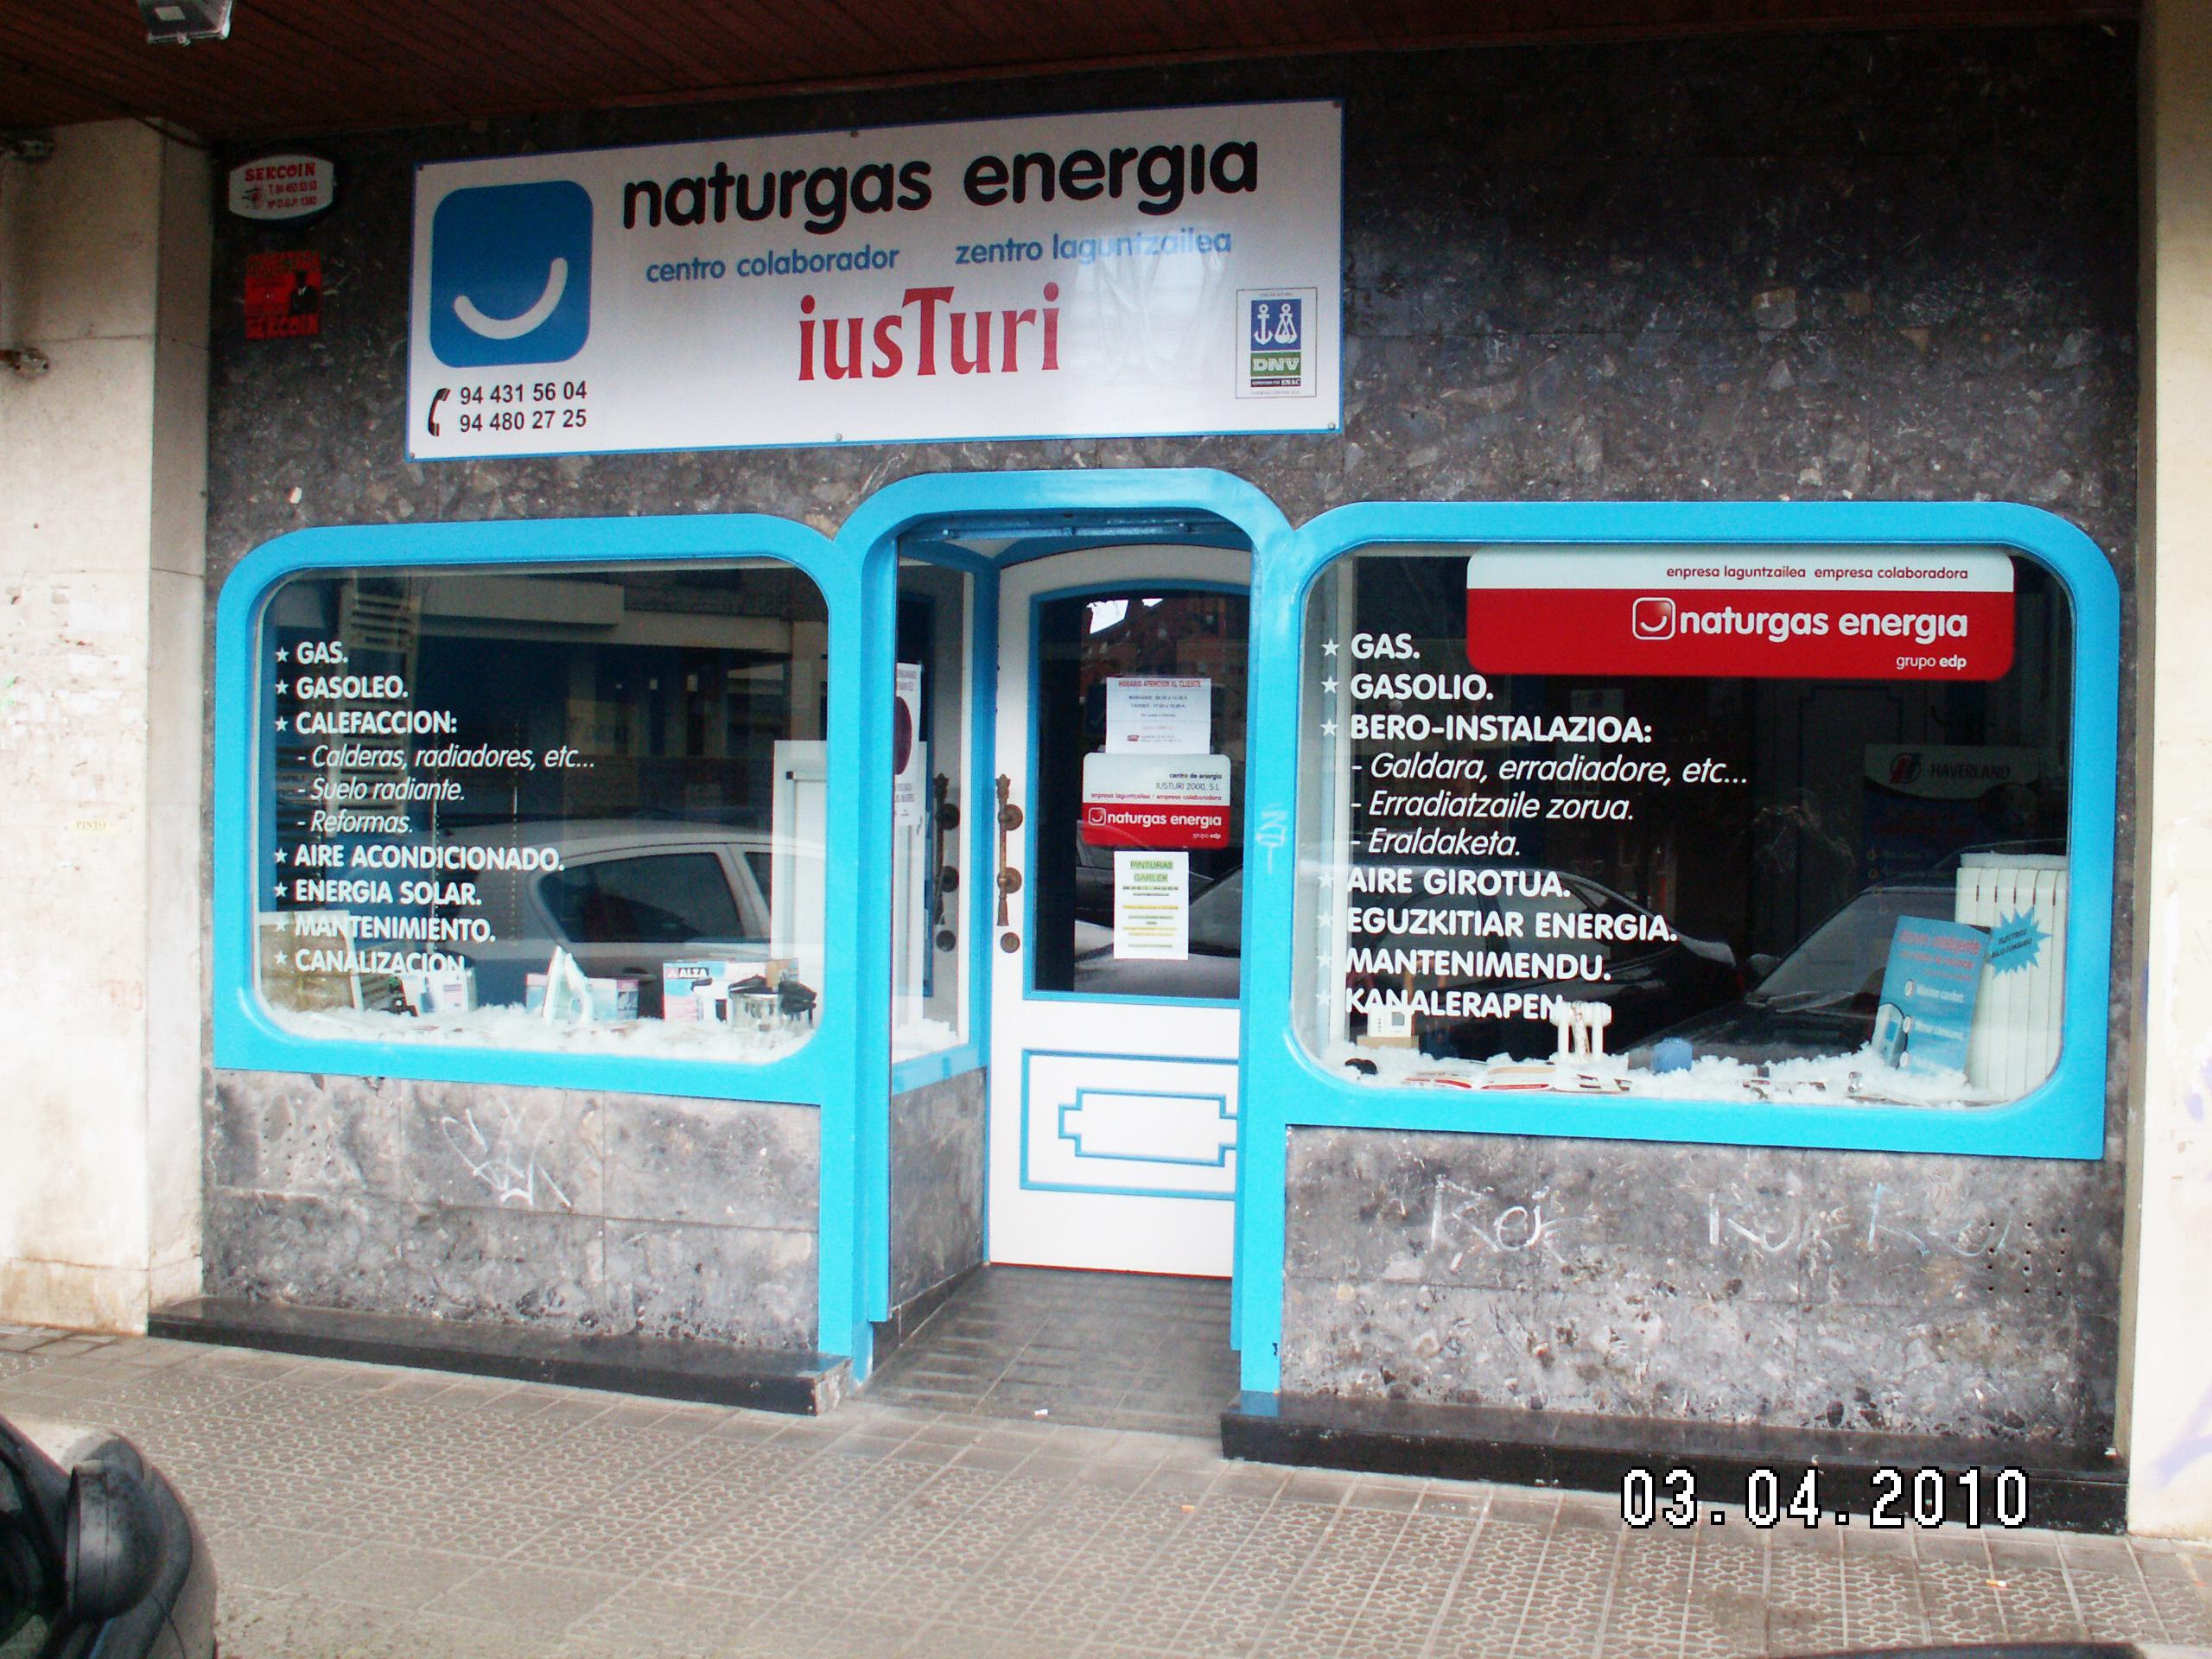 ius Turi 2000 Calefacción y Gas Getxo